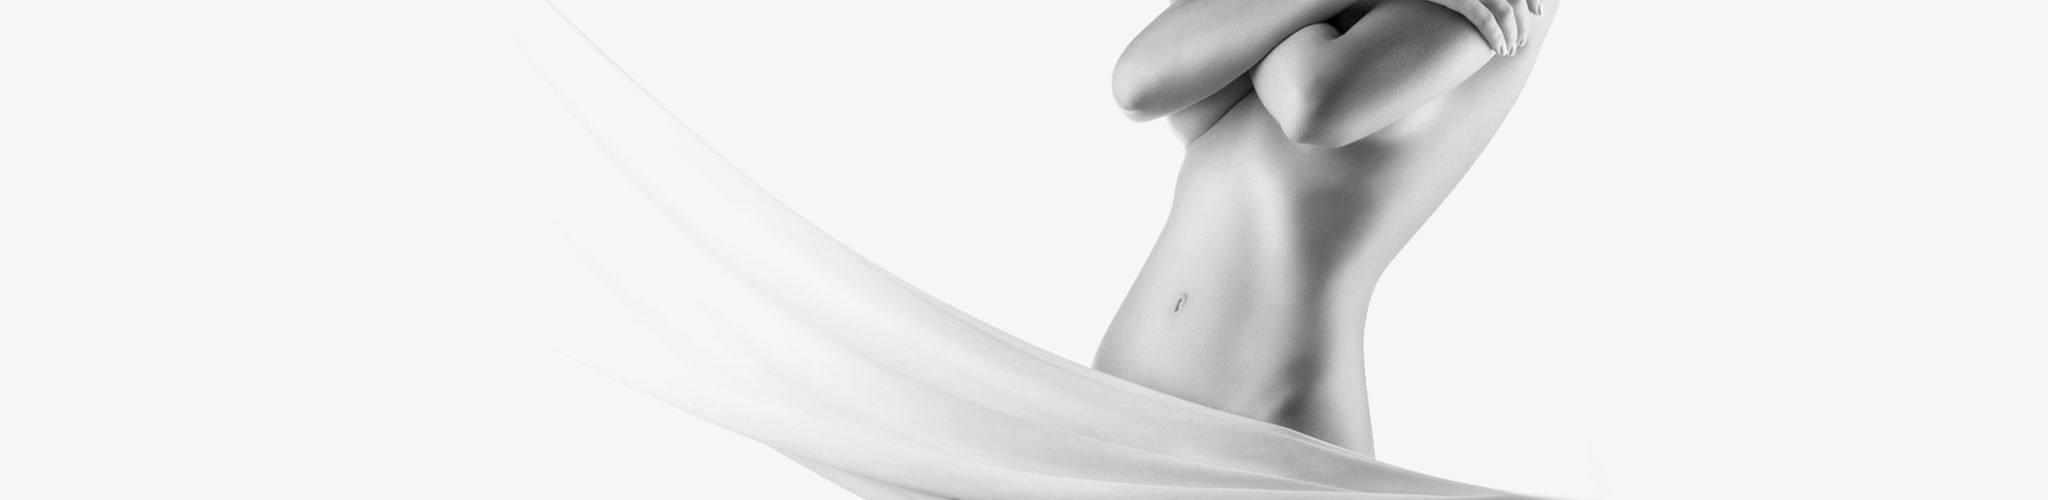 tratamientos vaginales luisa plata